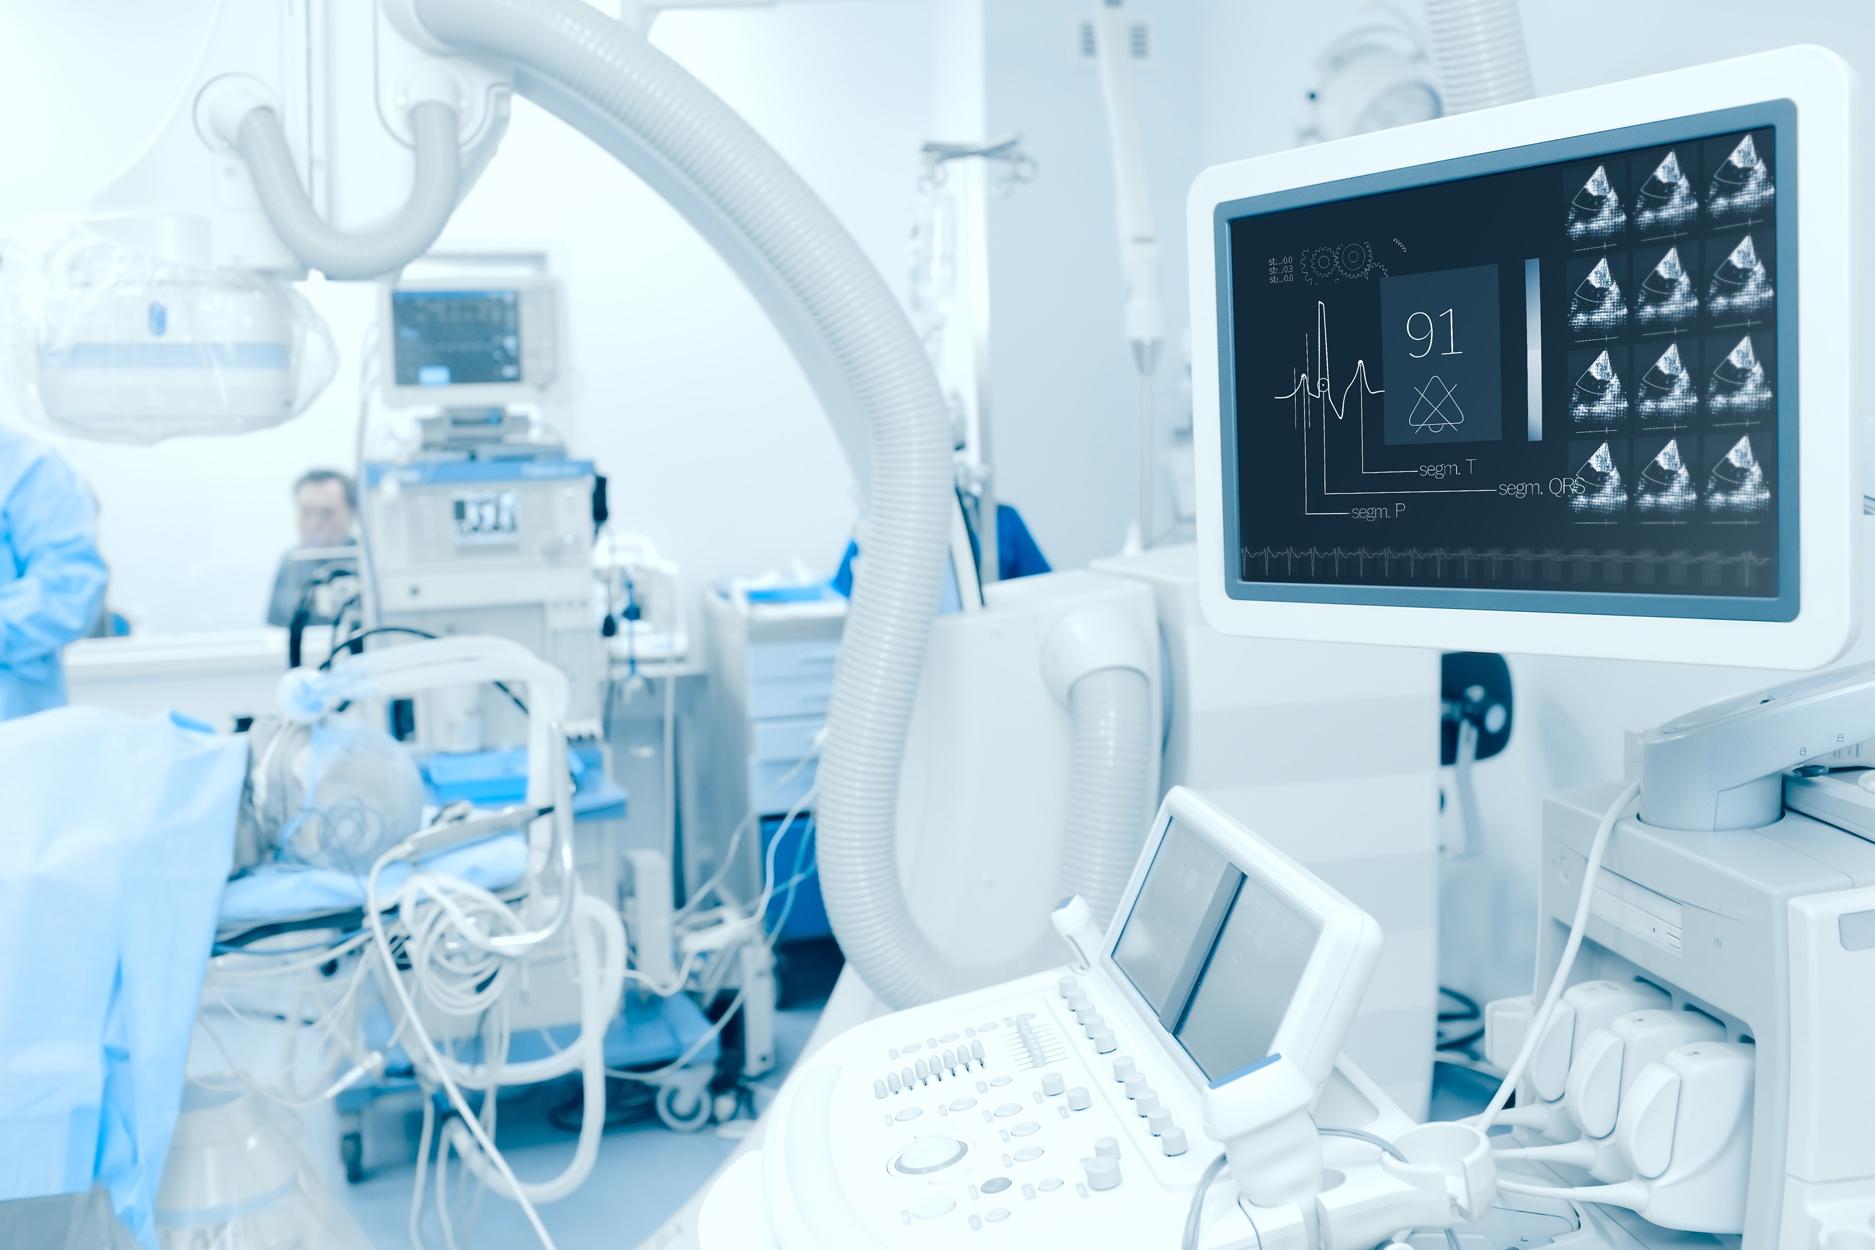 滚球体育比滚球体育比分直播权责发生-产品-医疗保健CMMS软件| TMS -英雄